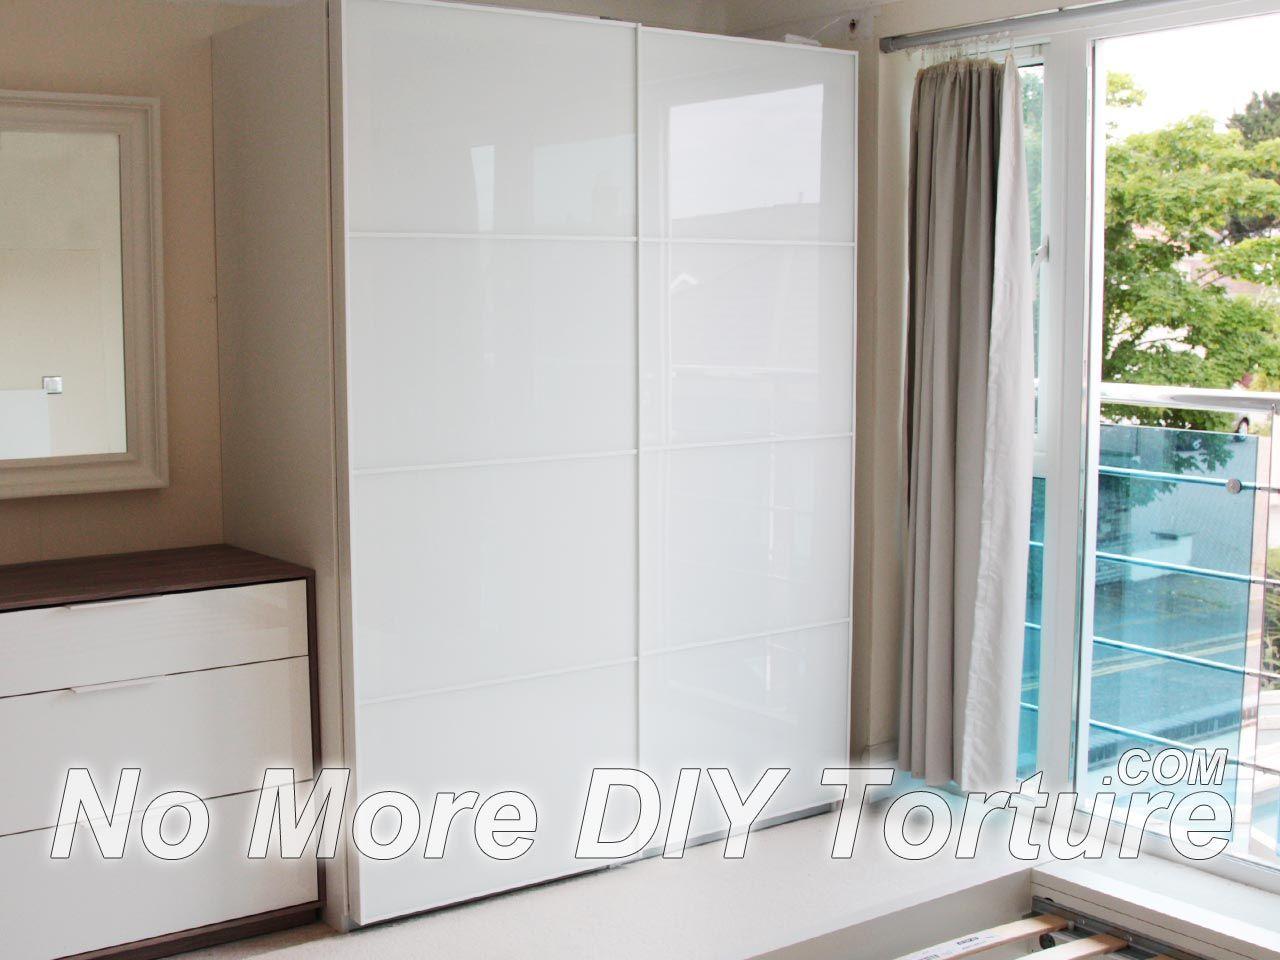 Ikea panel curtain closet door - Panel Curtains Closet Sliding Panel Curtain Door Ikea Pax Farvik White Glass Door Wardrobe